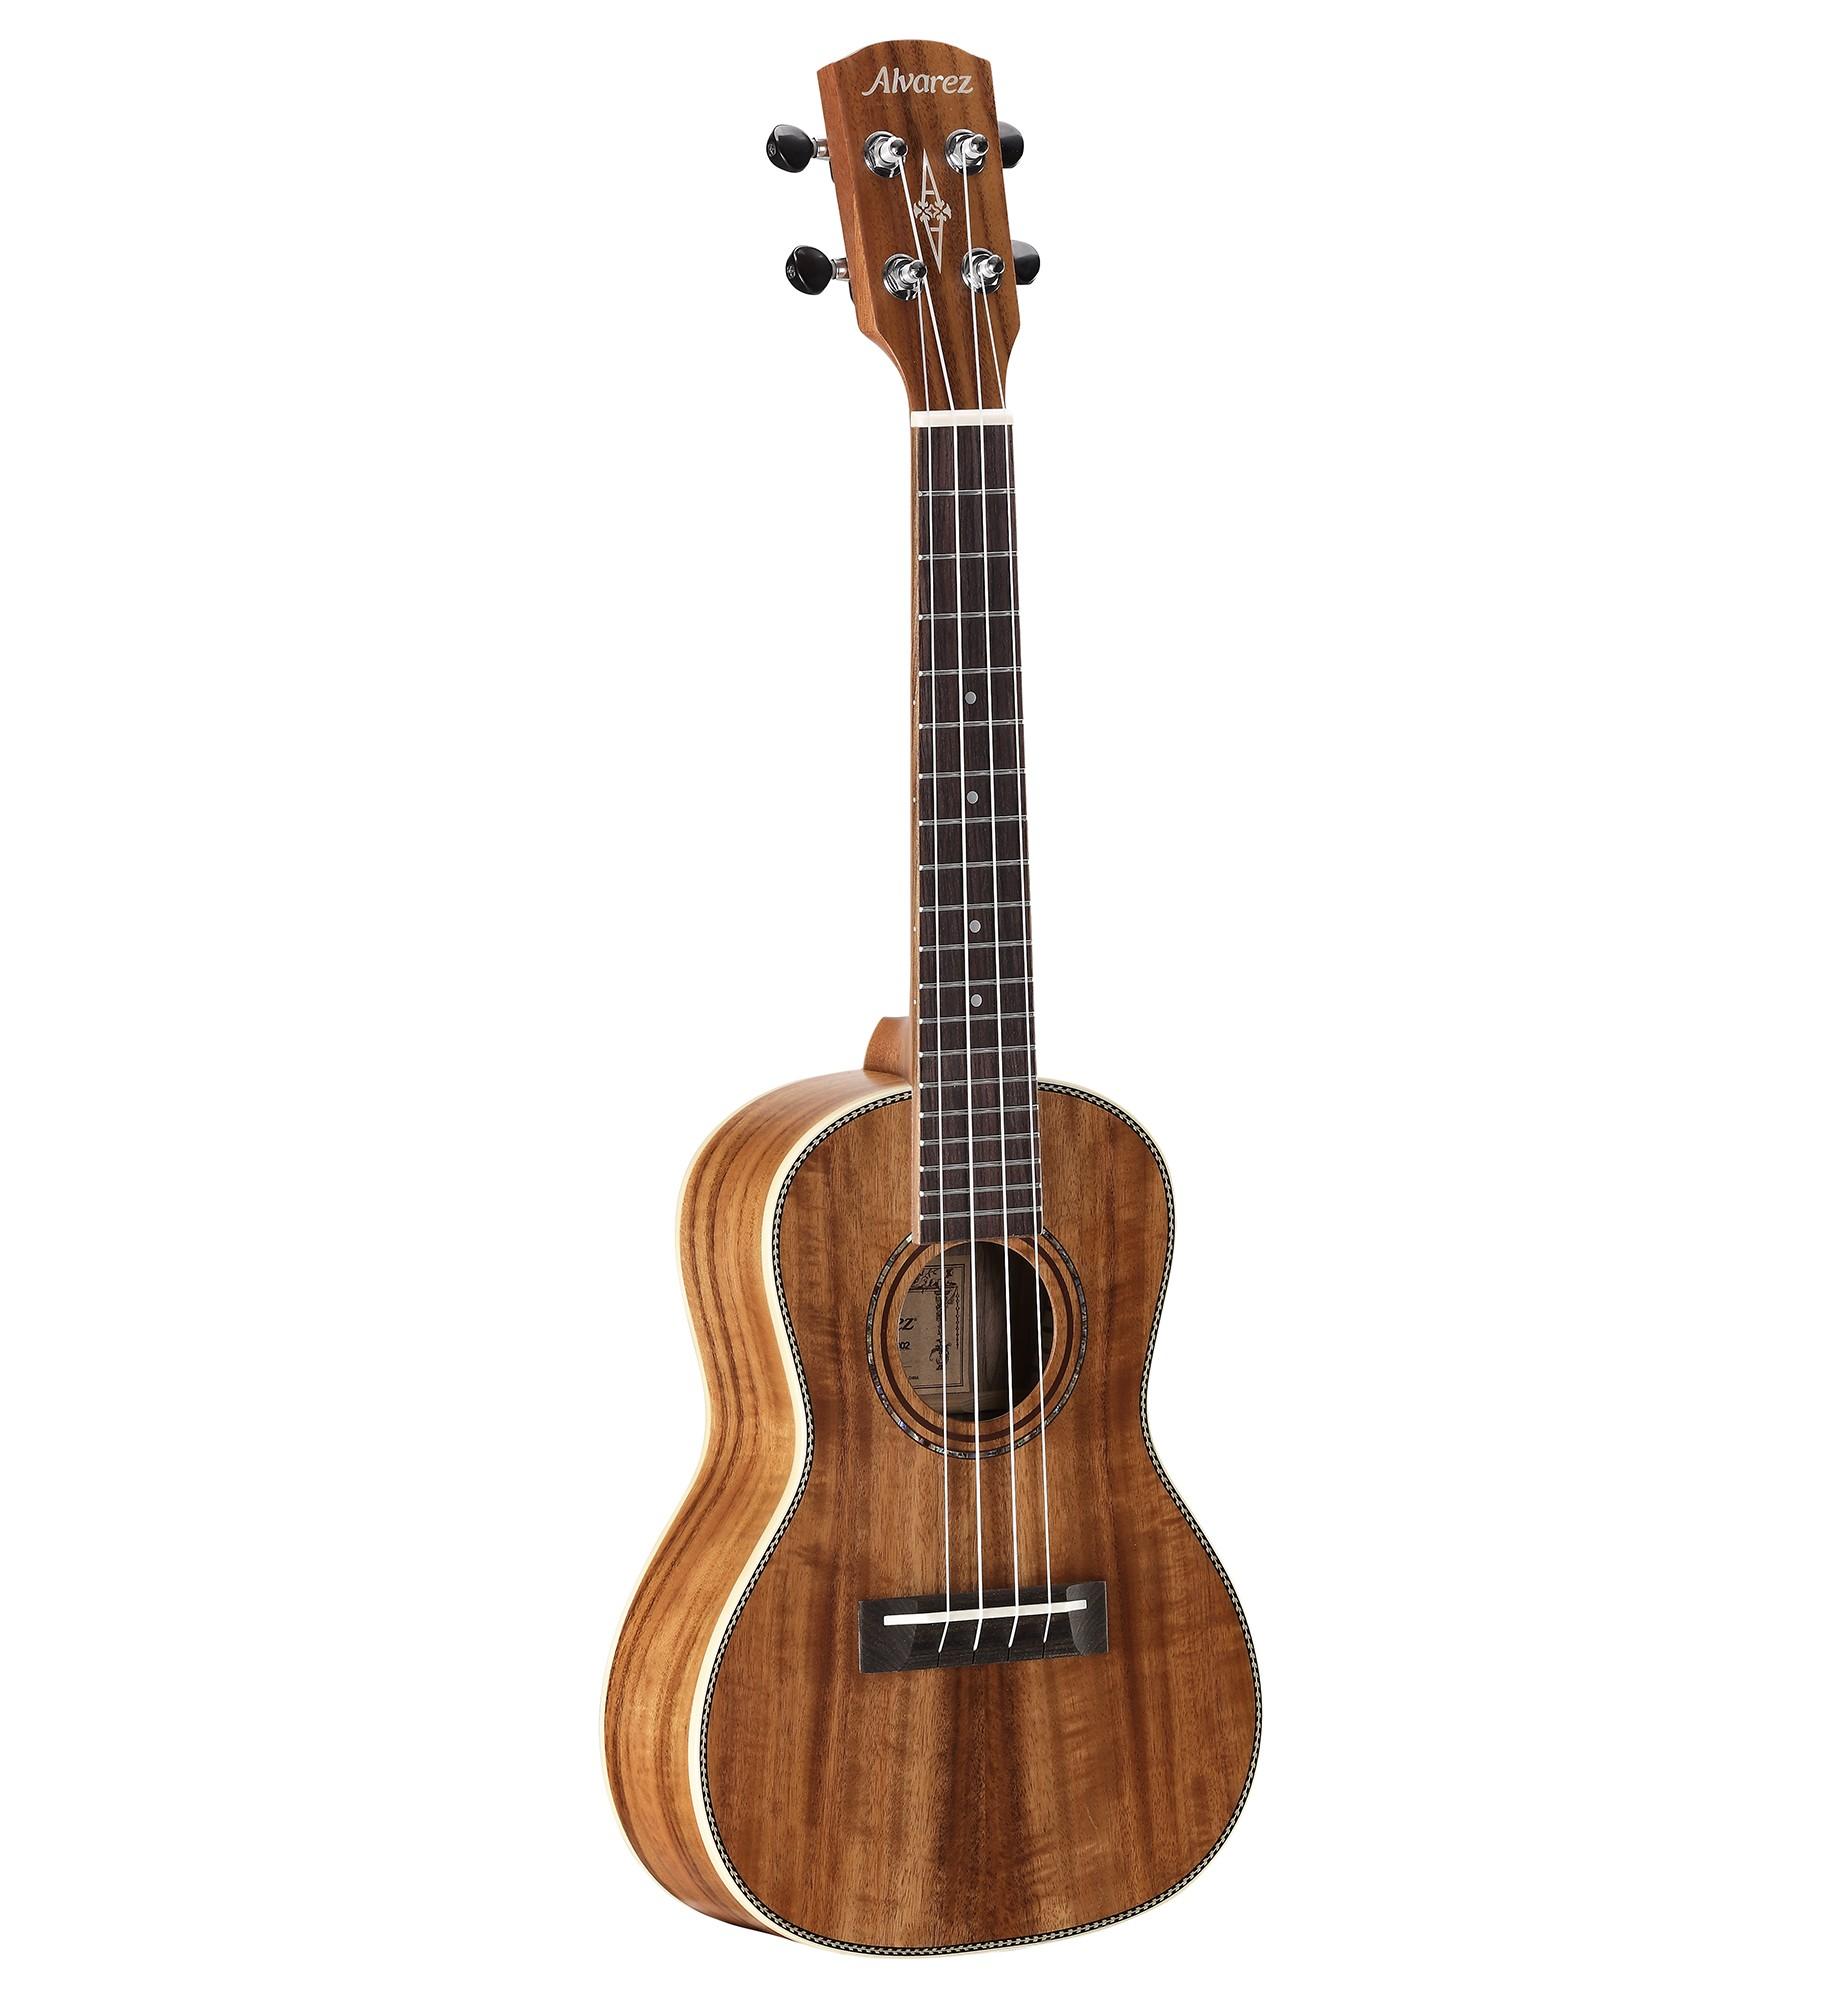 Alvarez guitars AU90C